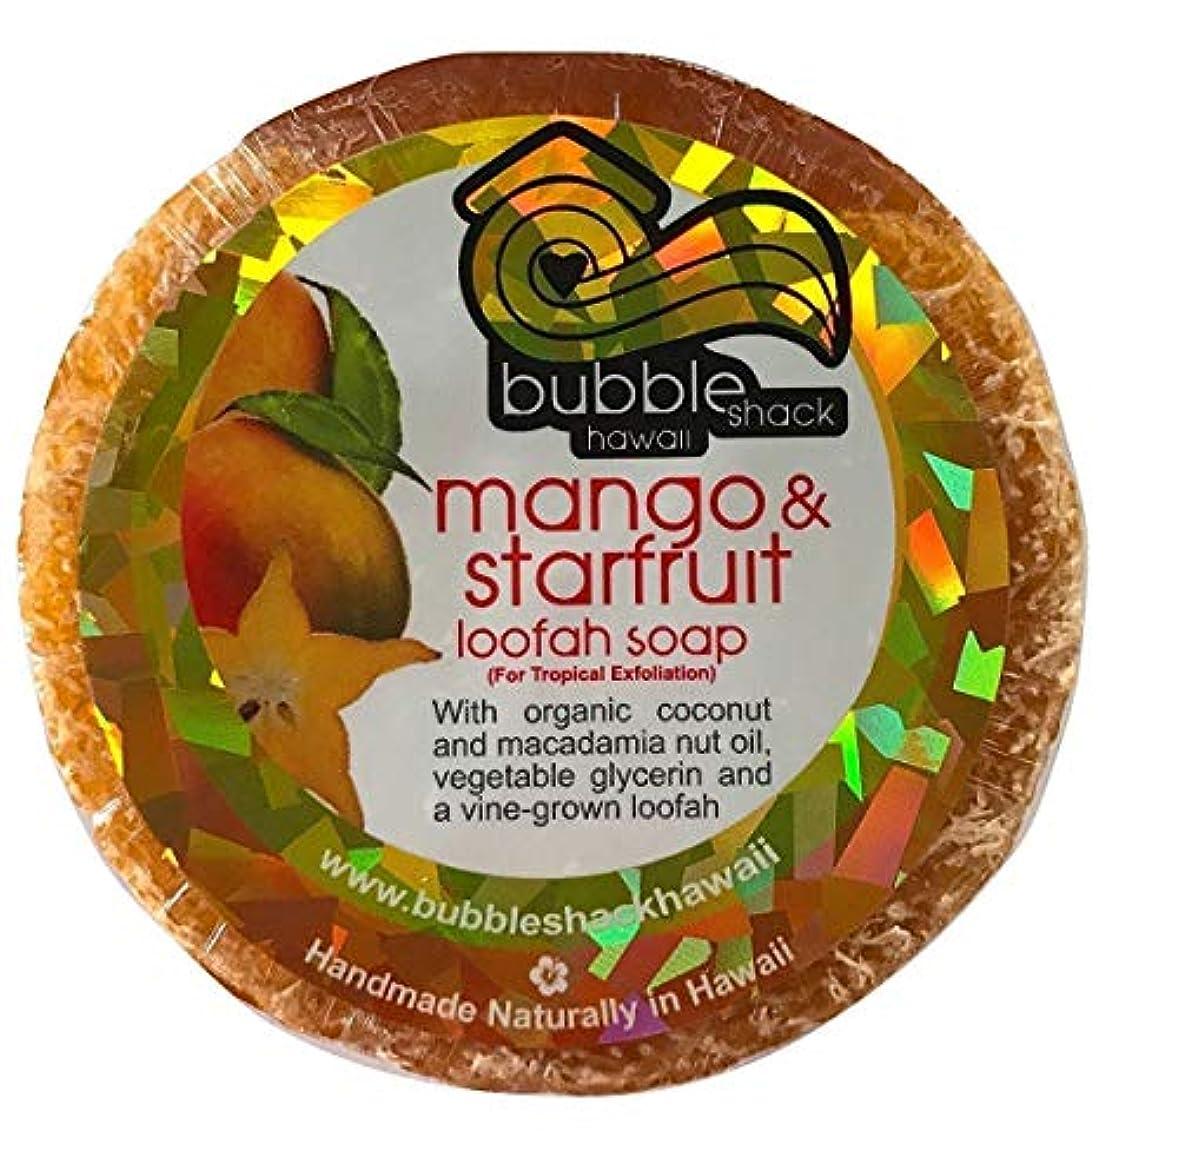 ライナー後世哲学博士ハワイアン雑貨/ハワイ 雑貨【バブルシャック】Bubble Shack Hawaii ルーファーソープ(マンゴ&スターフルーツ) 【お土産】